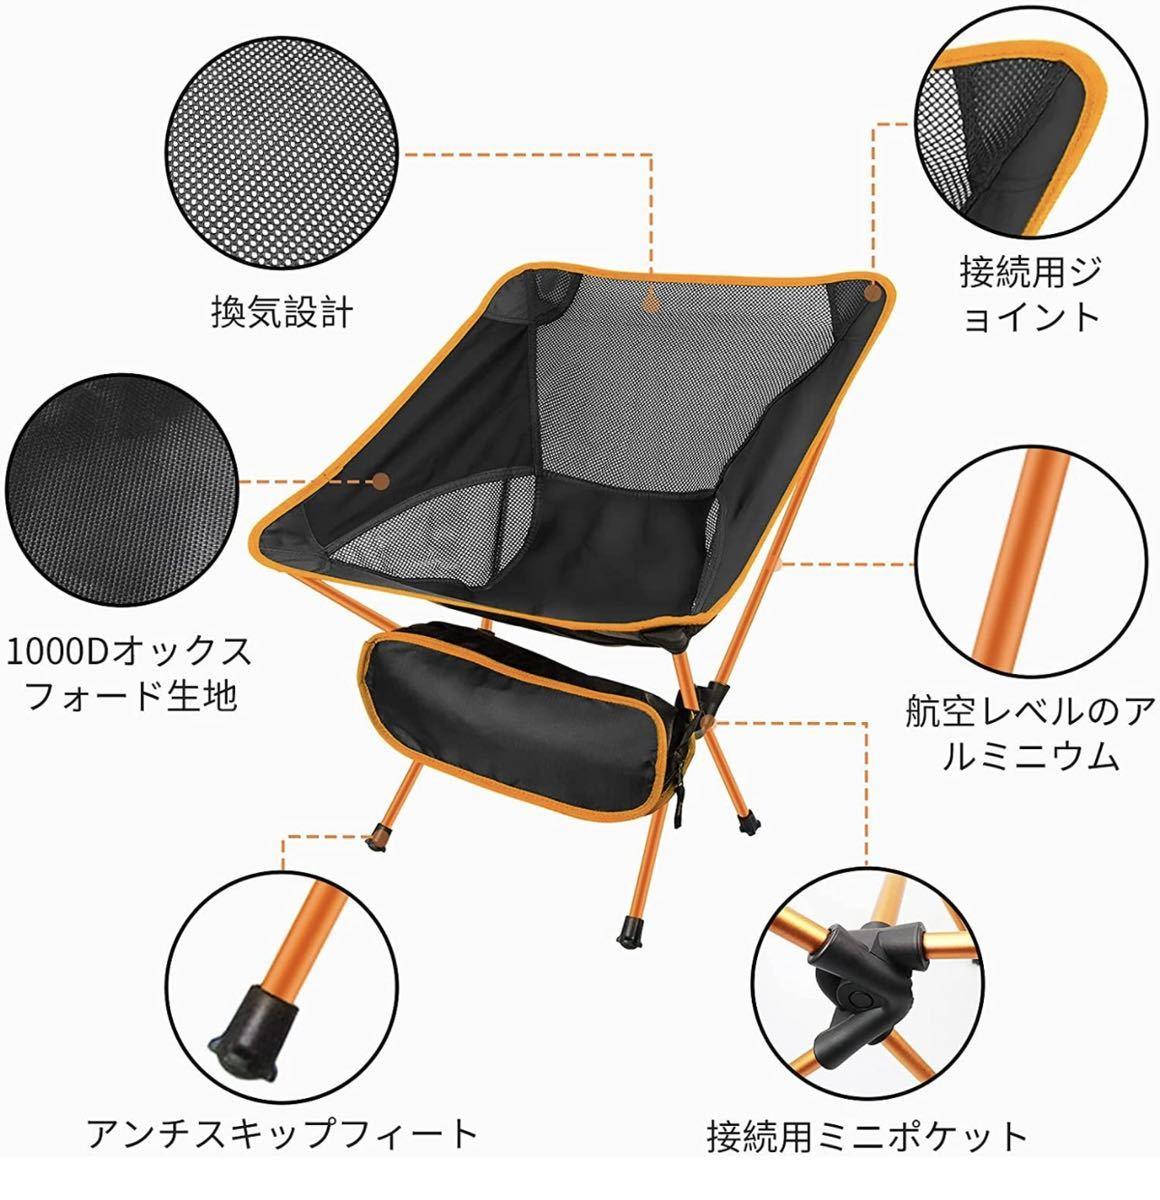 アウトドアチェア キャンプチェア 折りたたみ椅子 900g 超軽量耐荷150kg